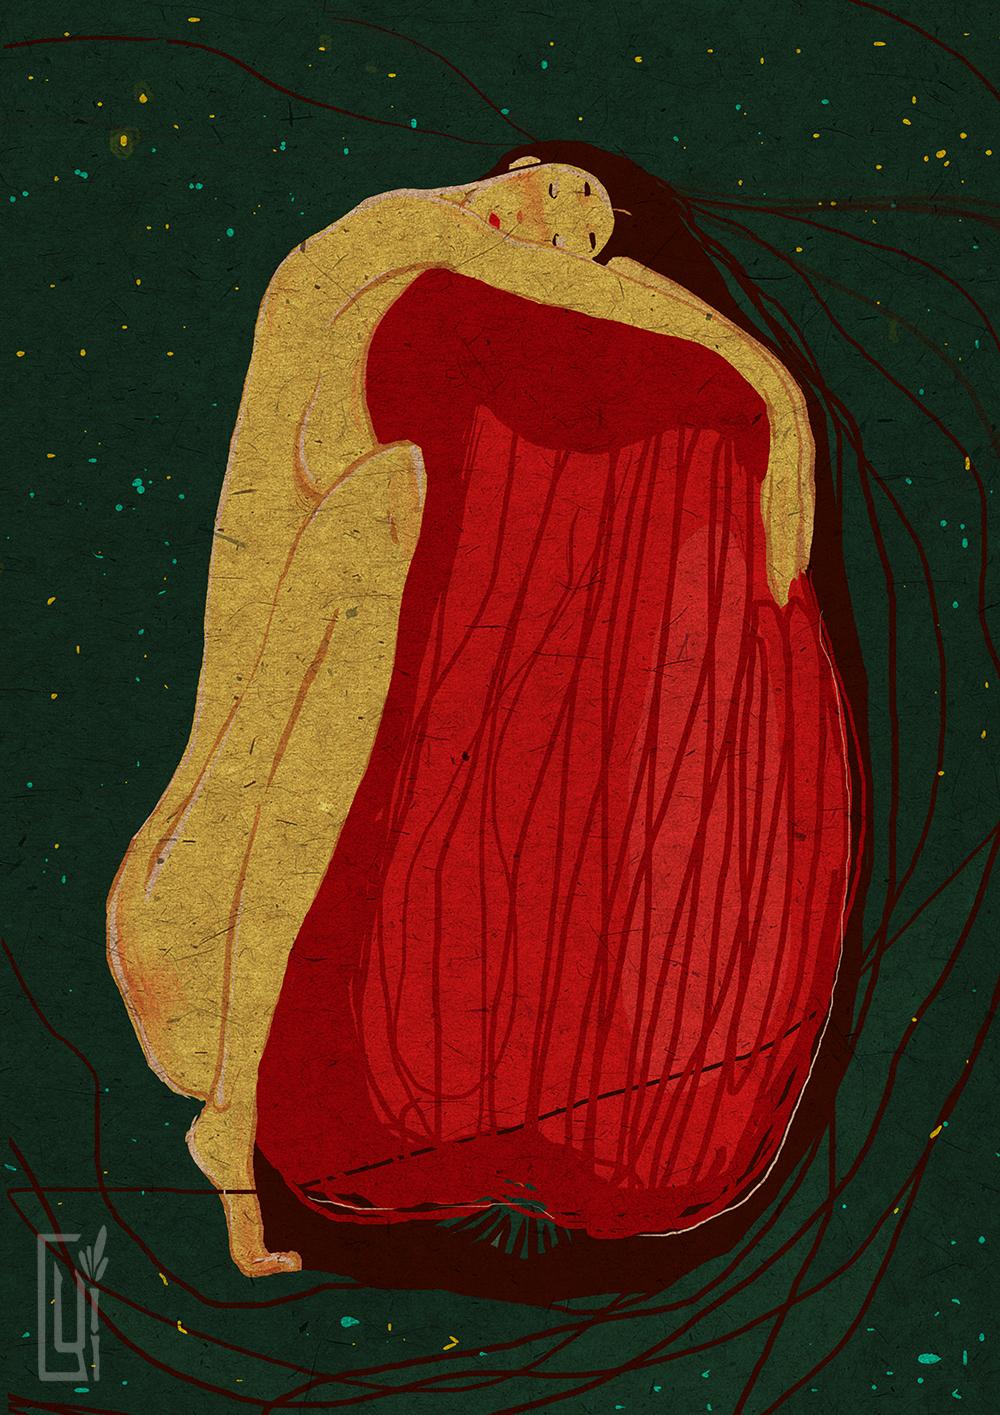 Иллюстрация для книги ( Ева и ночь)